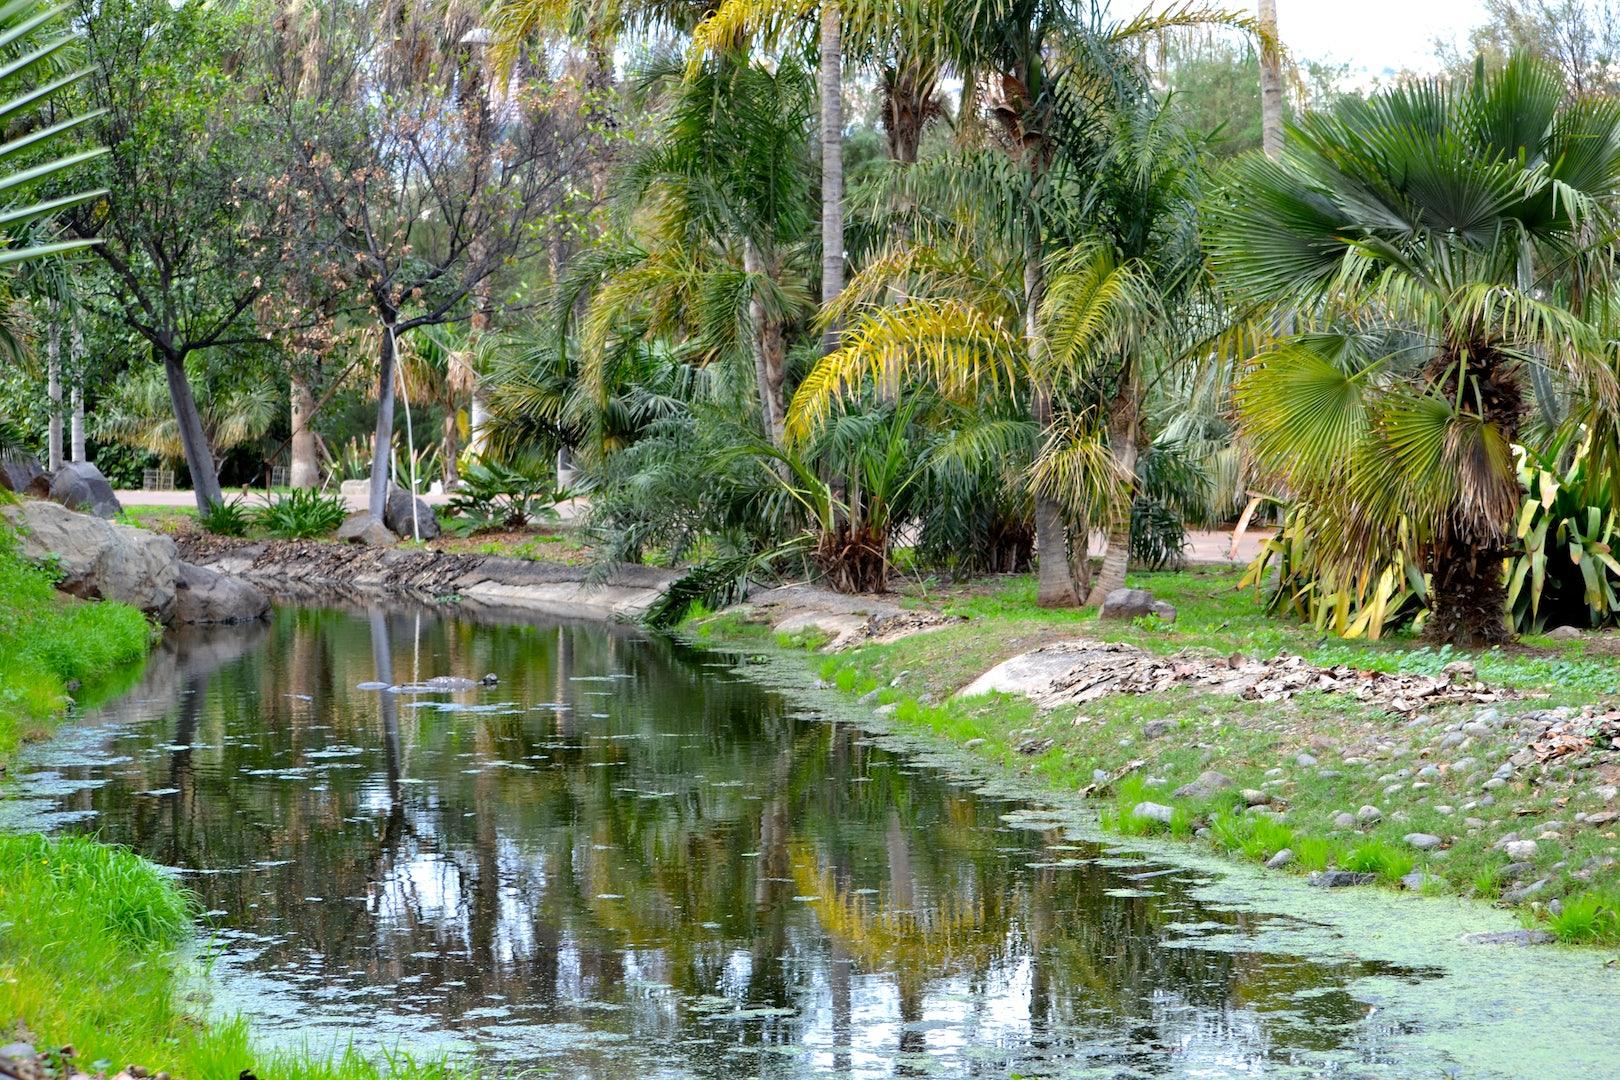 Palmetum botanical garden